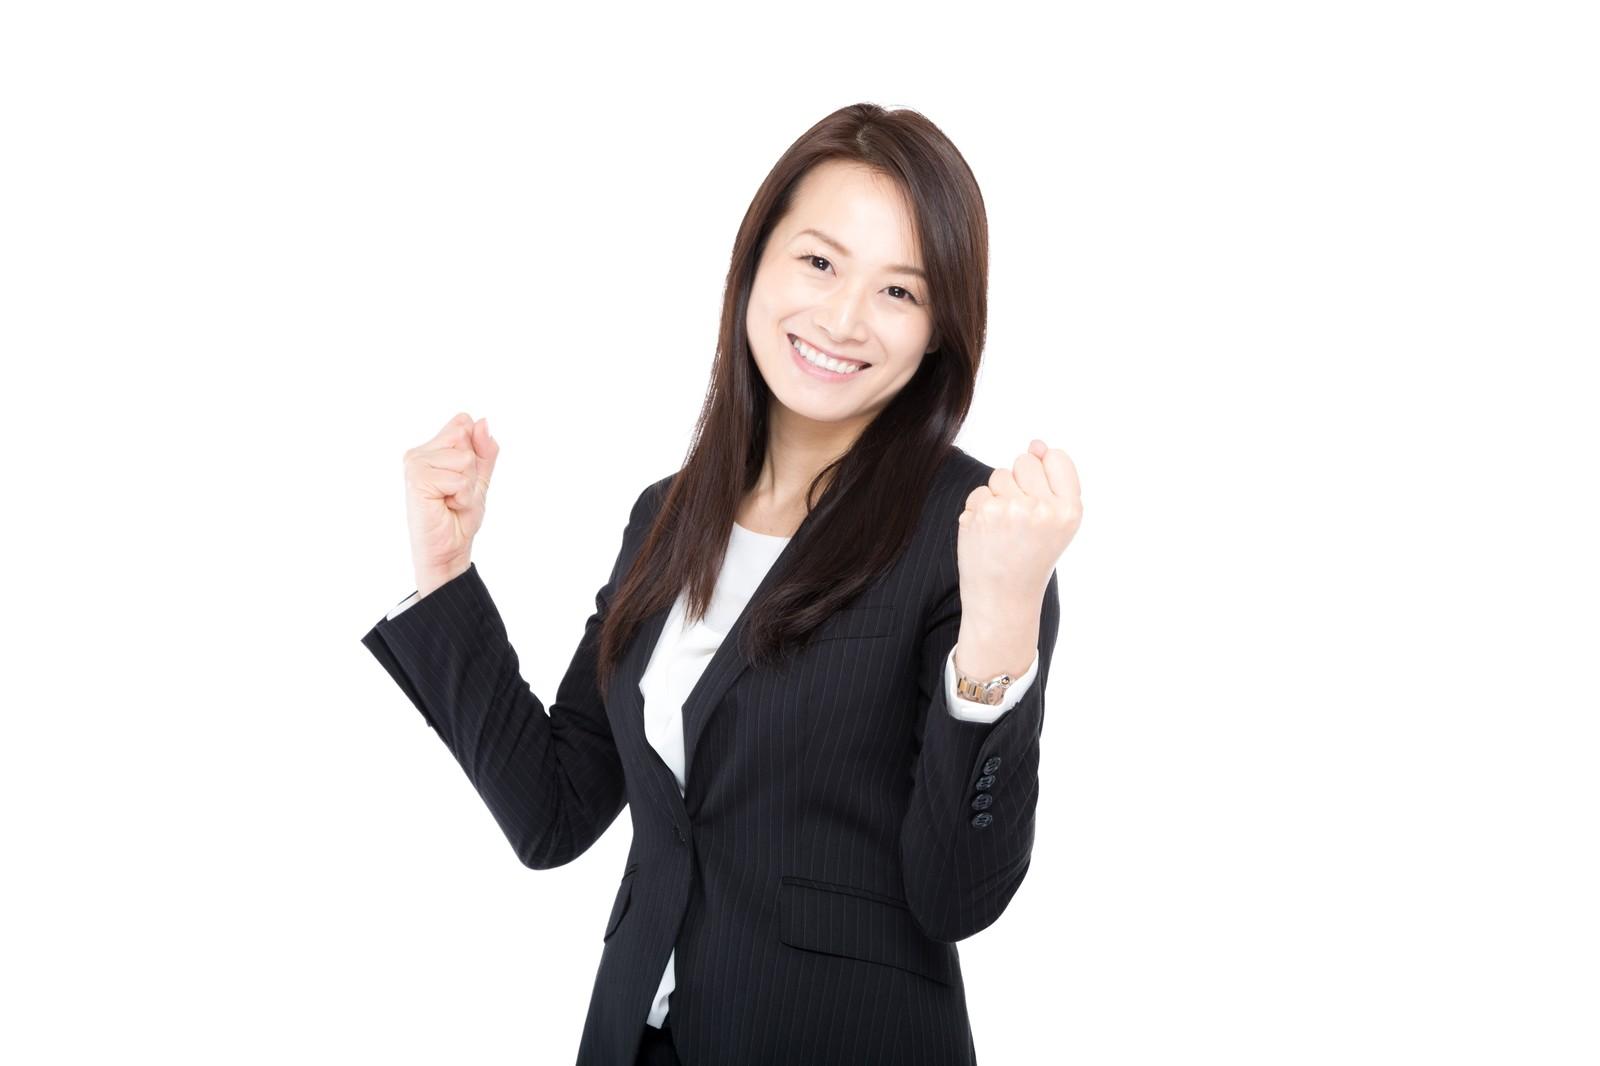 もっと気楽な仕事に転職しよう。正社員でもストレスの少ない仕事はある。